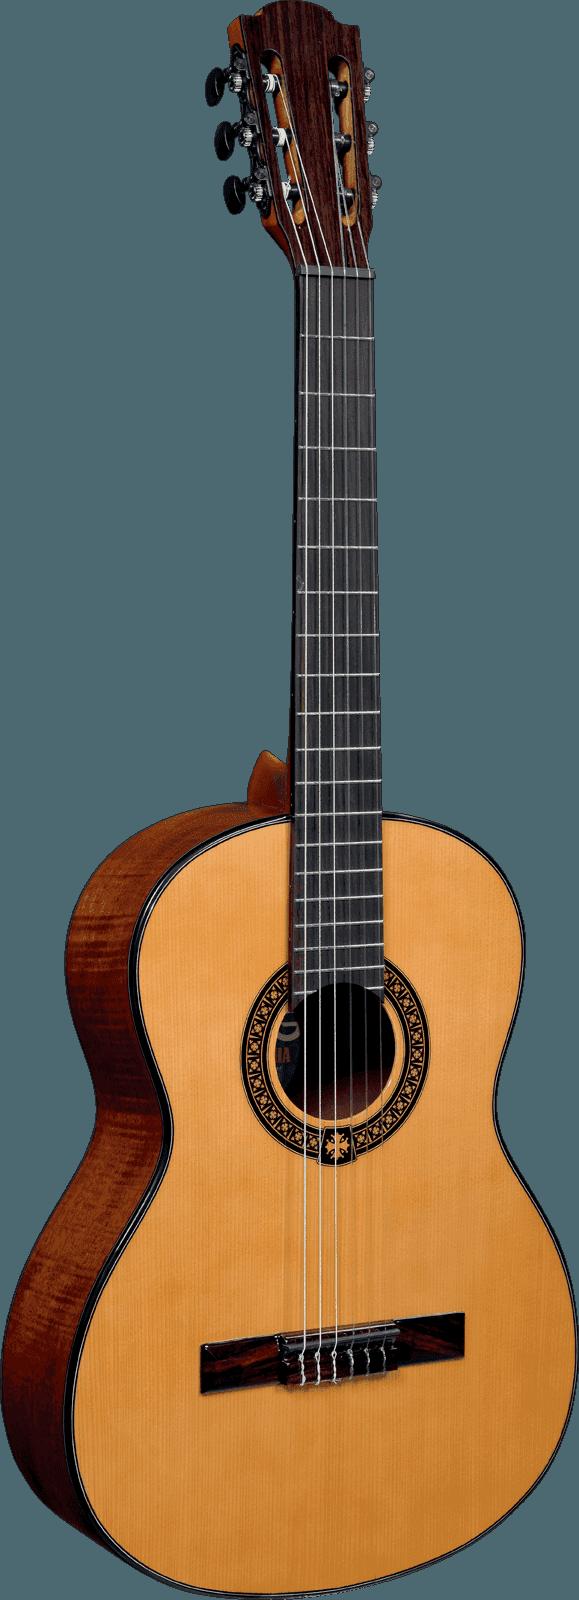 Lâg Guitares Classiques OC66